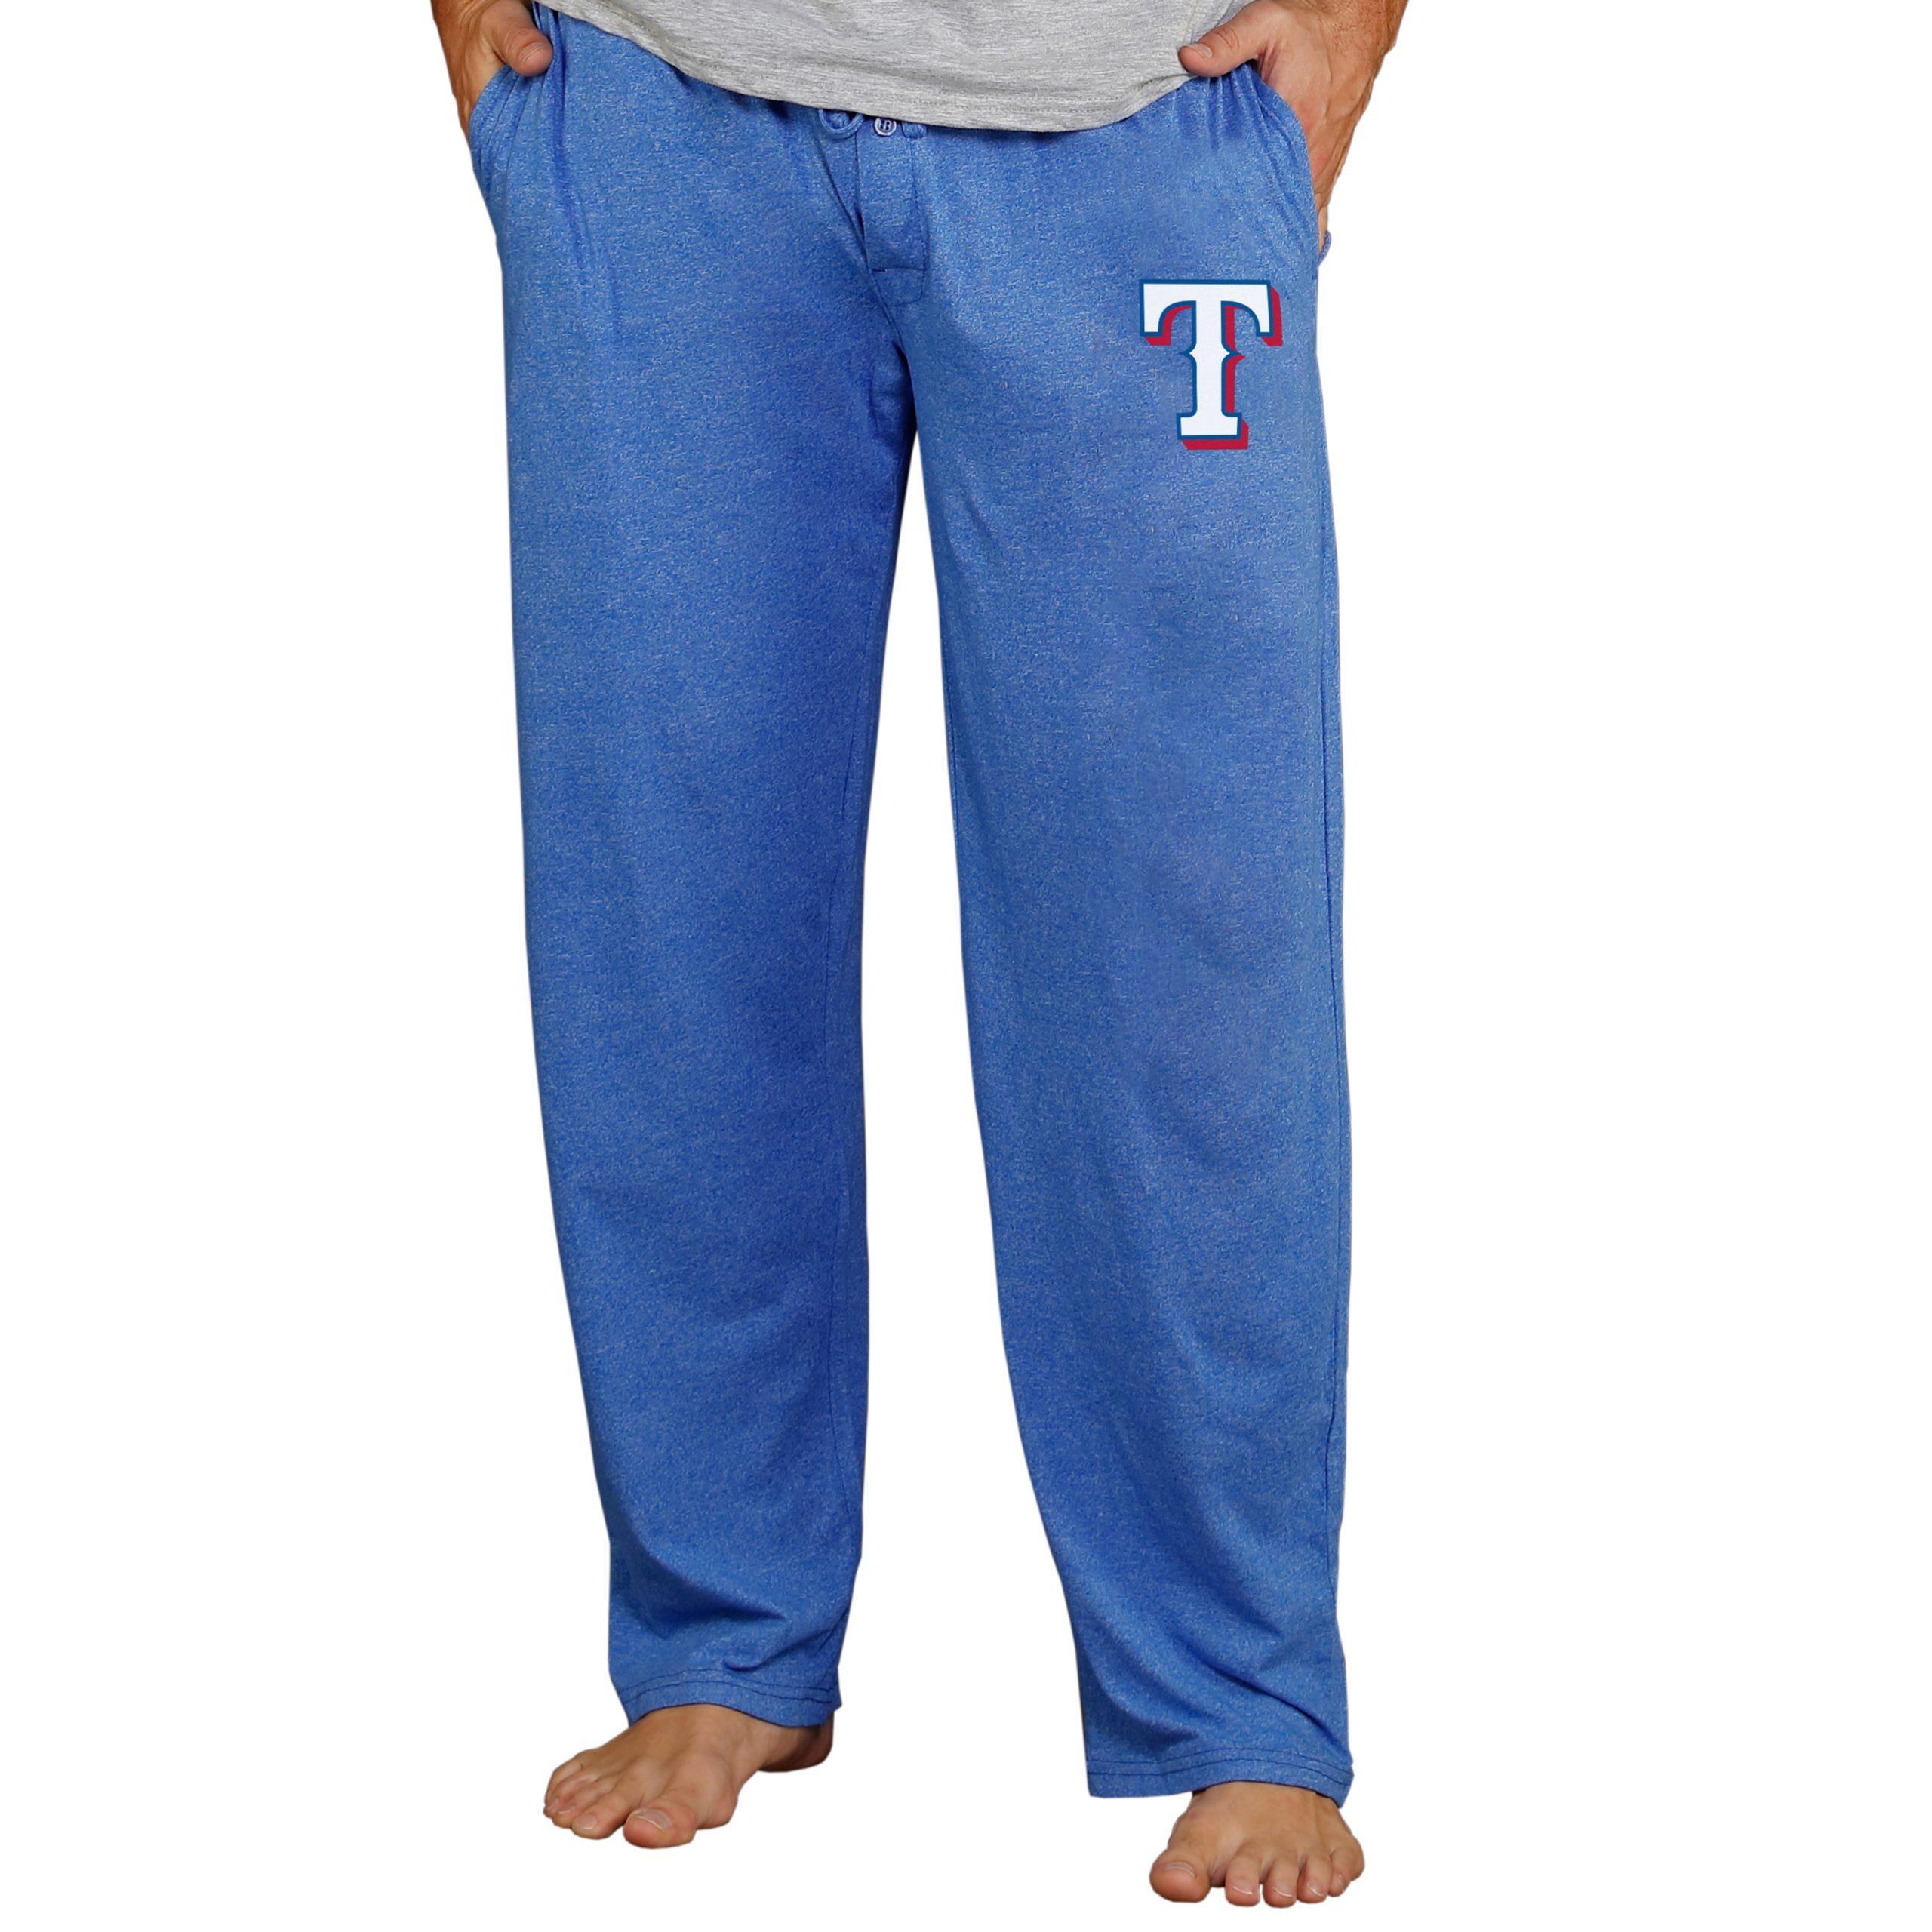 Texas Rangers Concepts Sport Quest Lounge Pants - Royal